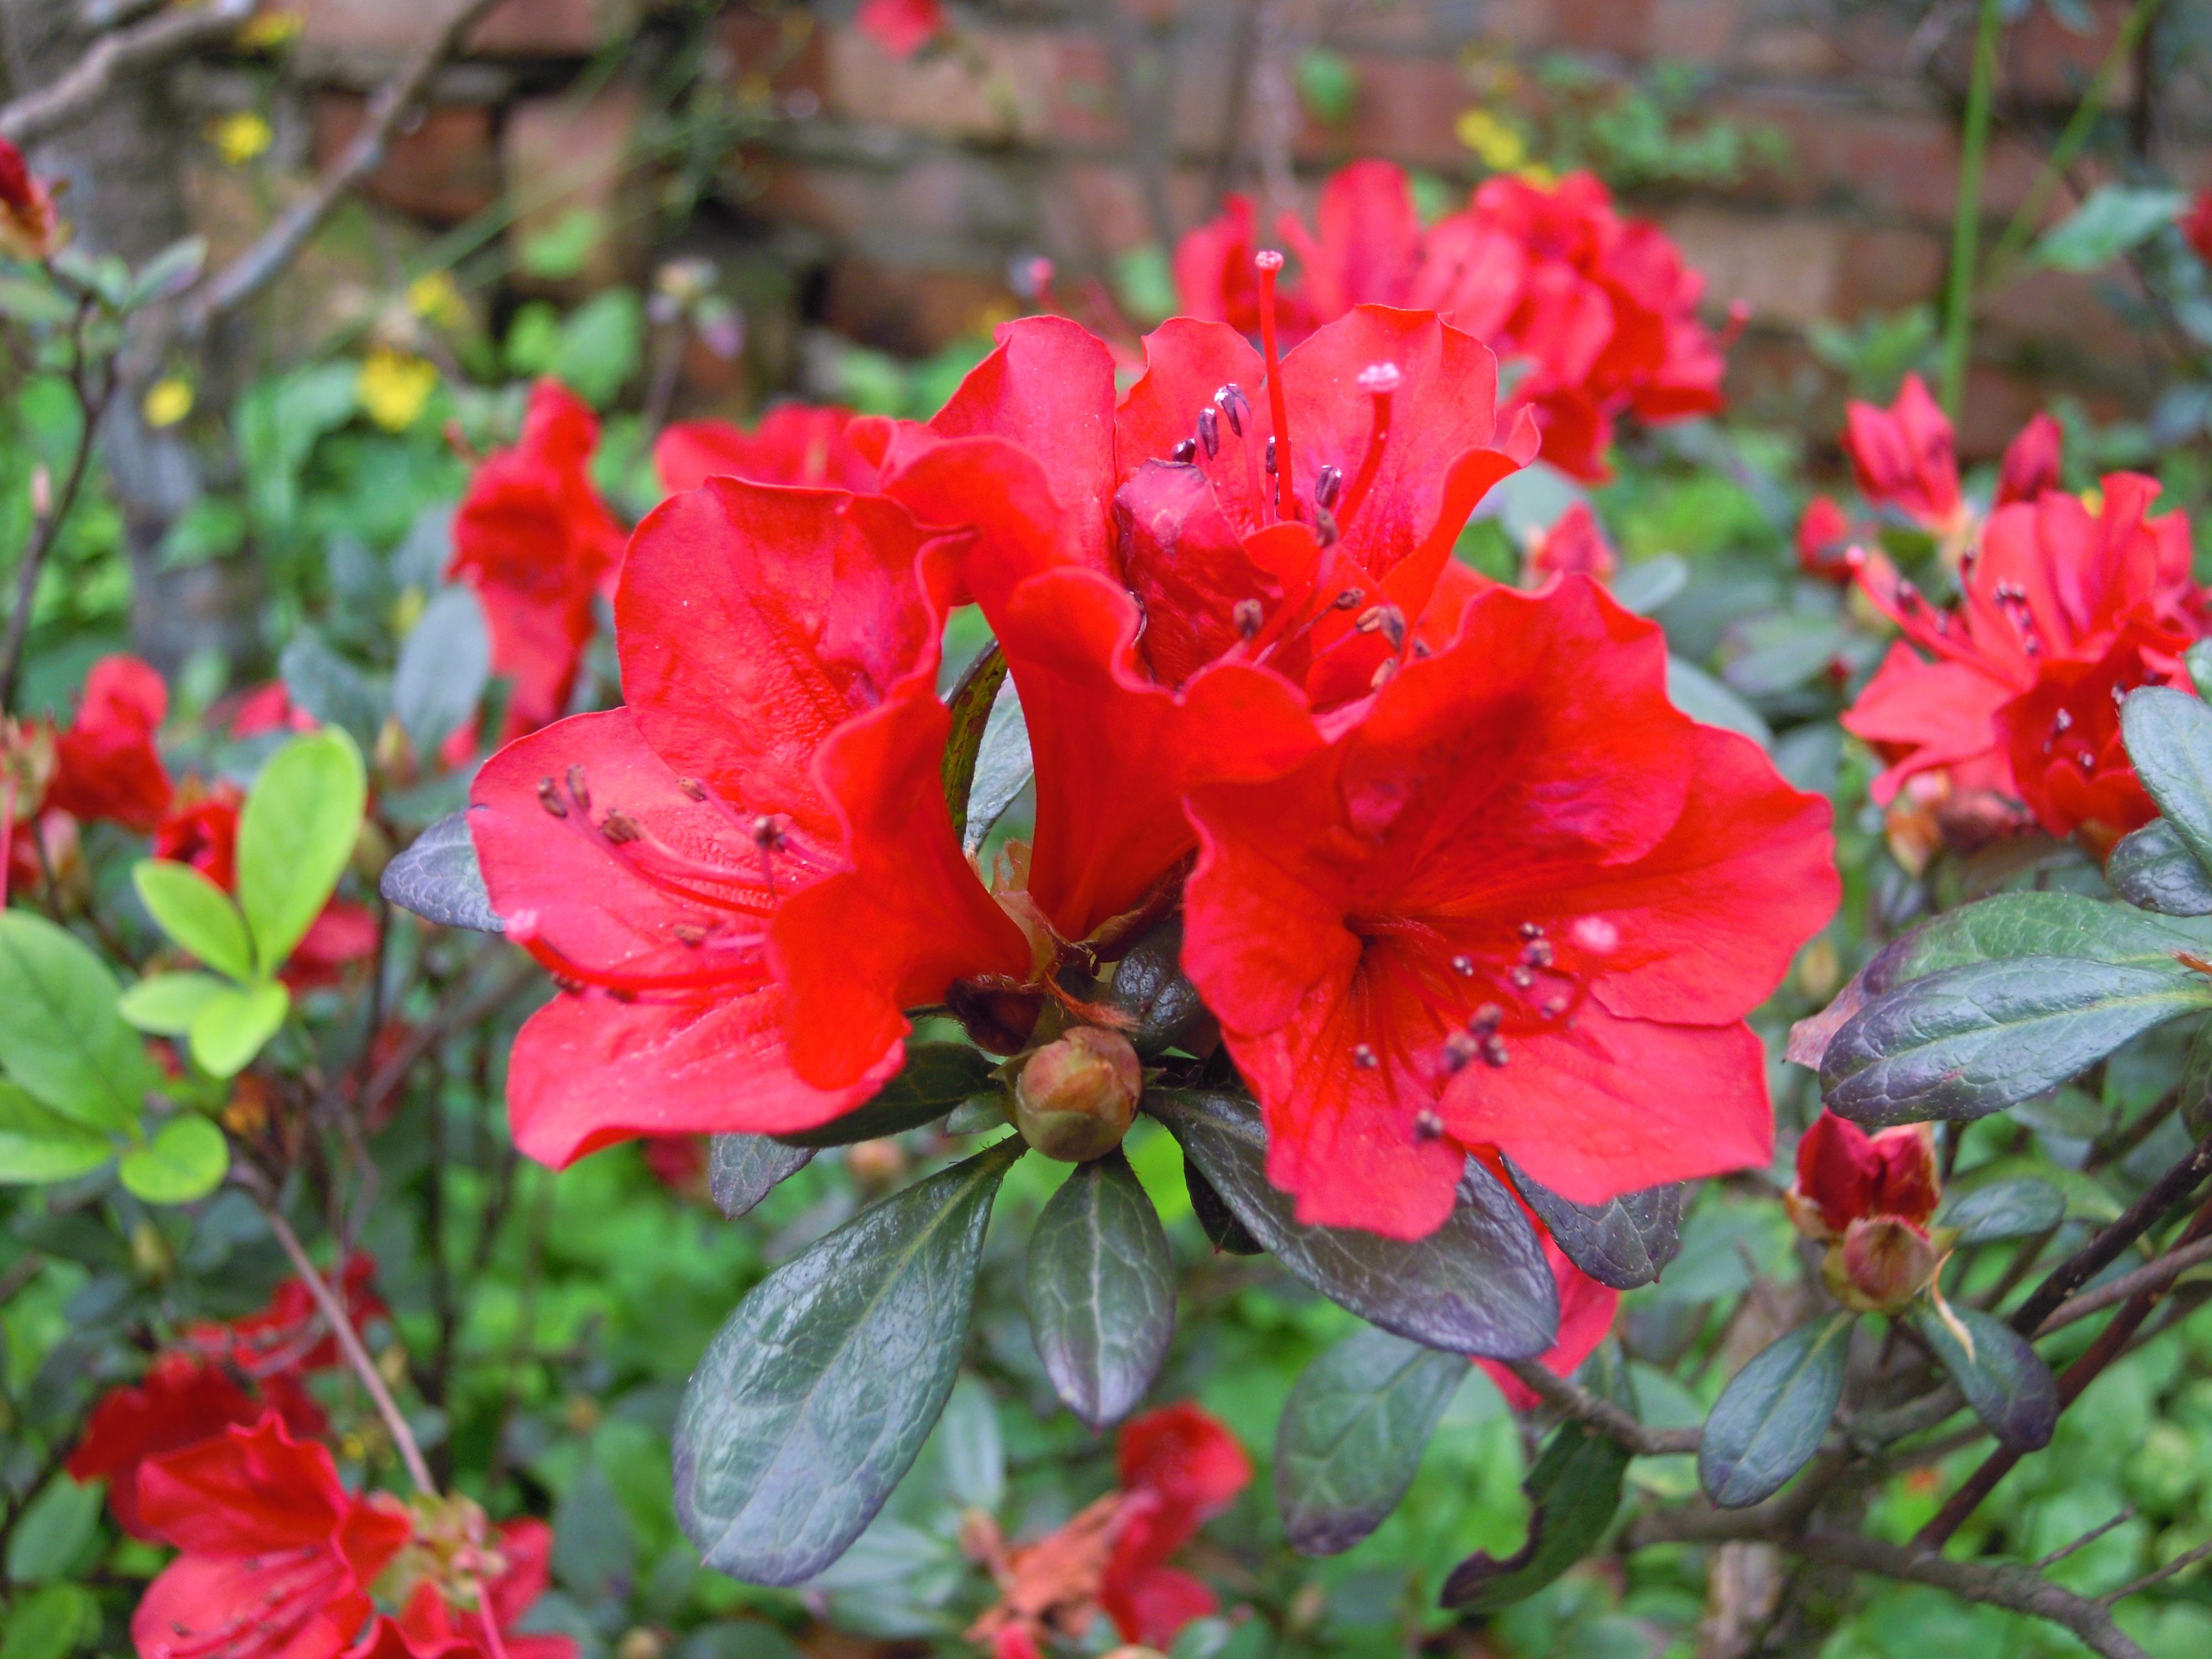 Images gratuites feuille fleur p tale printemps botanique flore arbuste rhododendron - Arbuste fleur rouge printemps ...